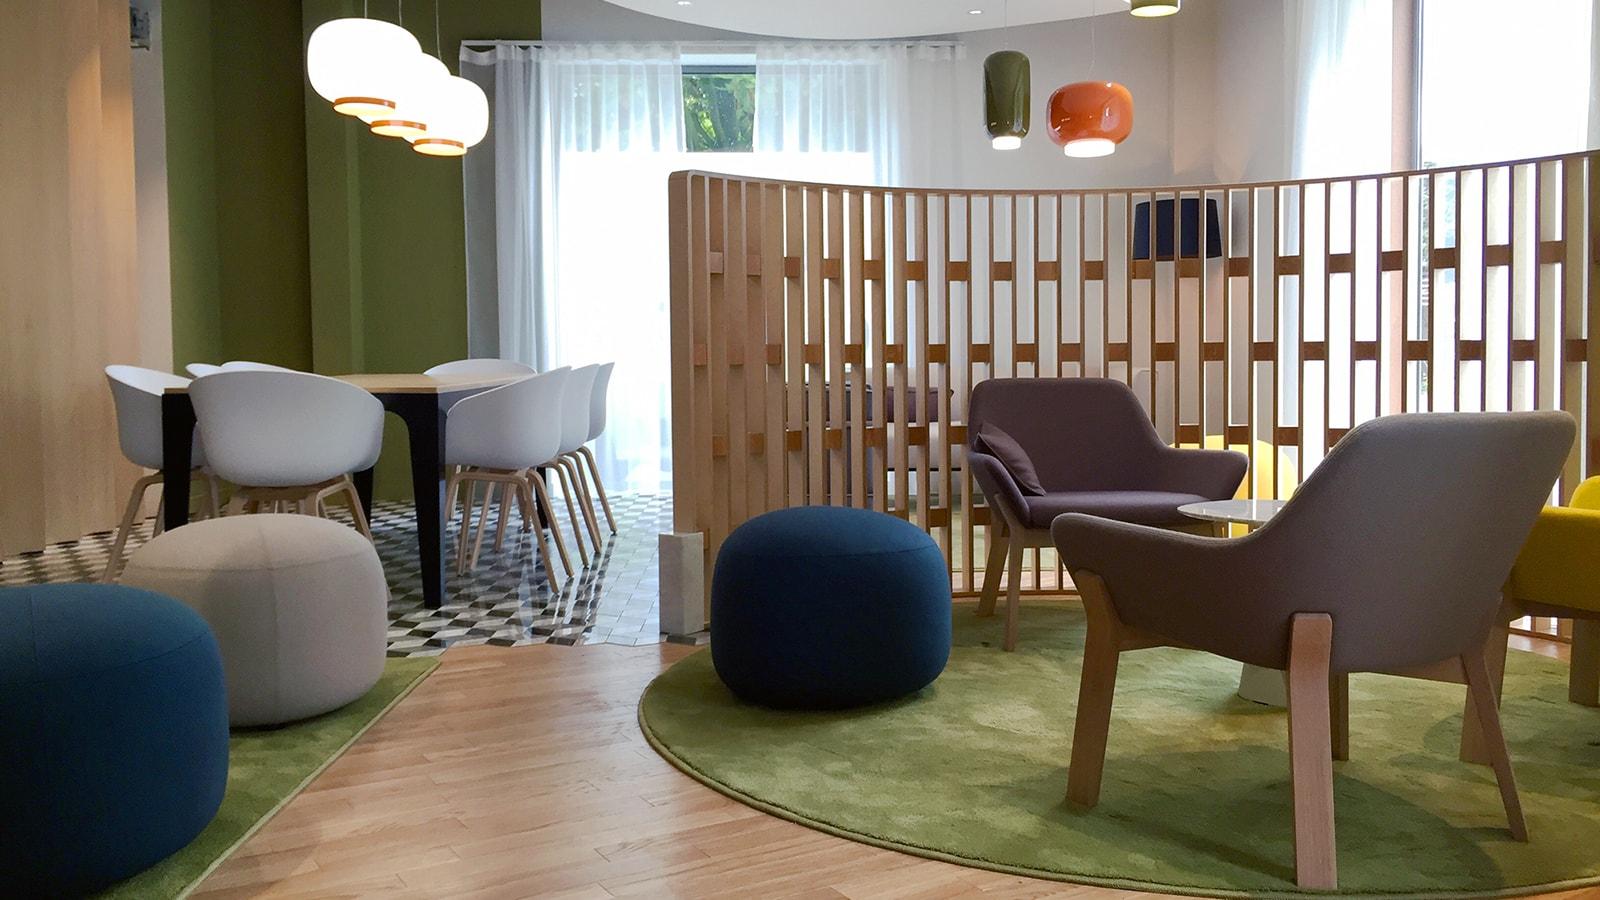 EFI Design Hotel Mercure Nantes Efi Design (11) 1208